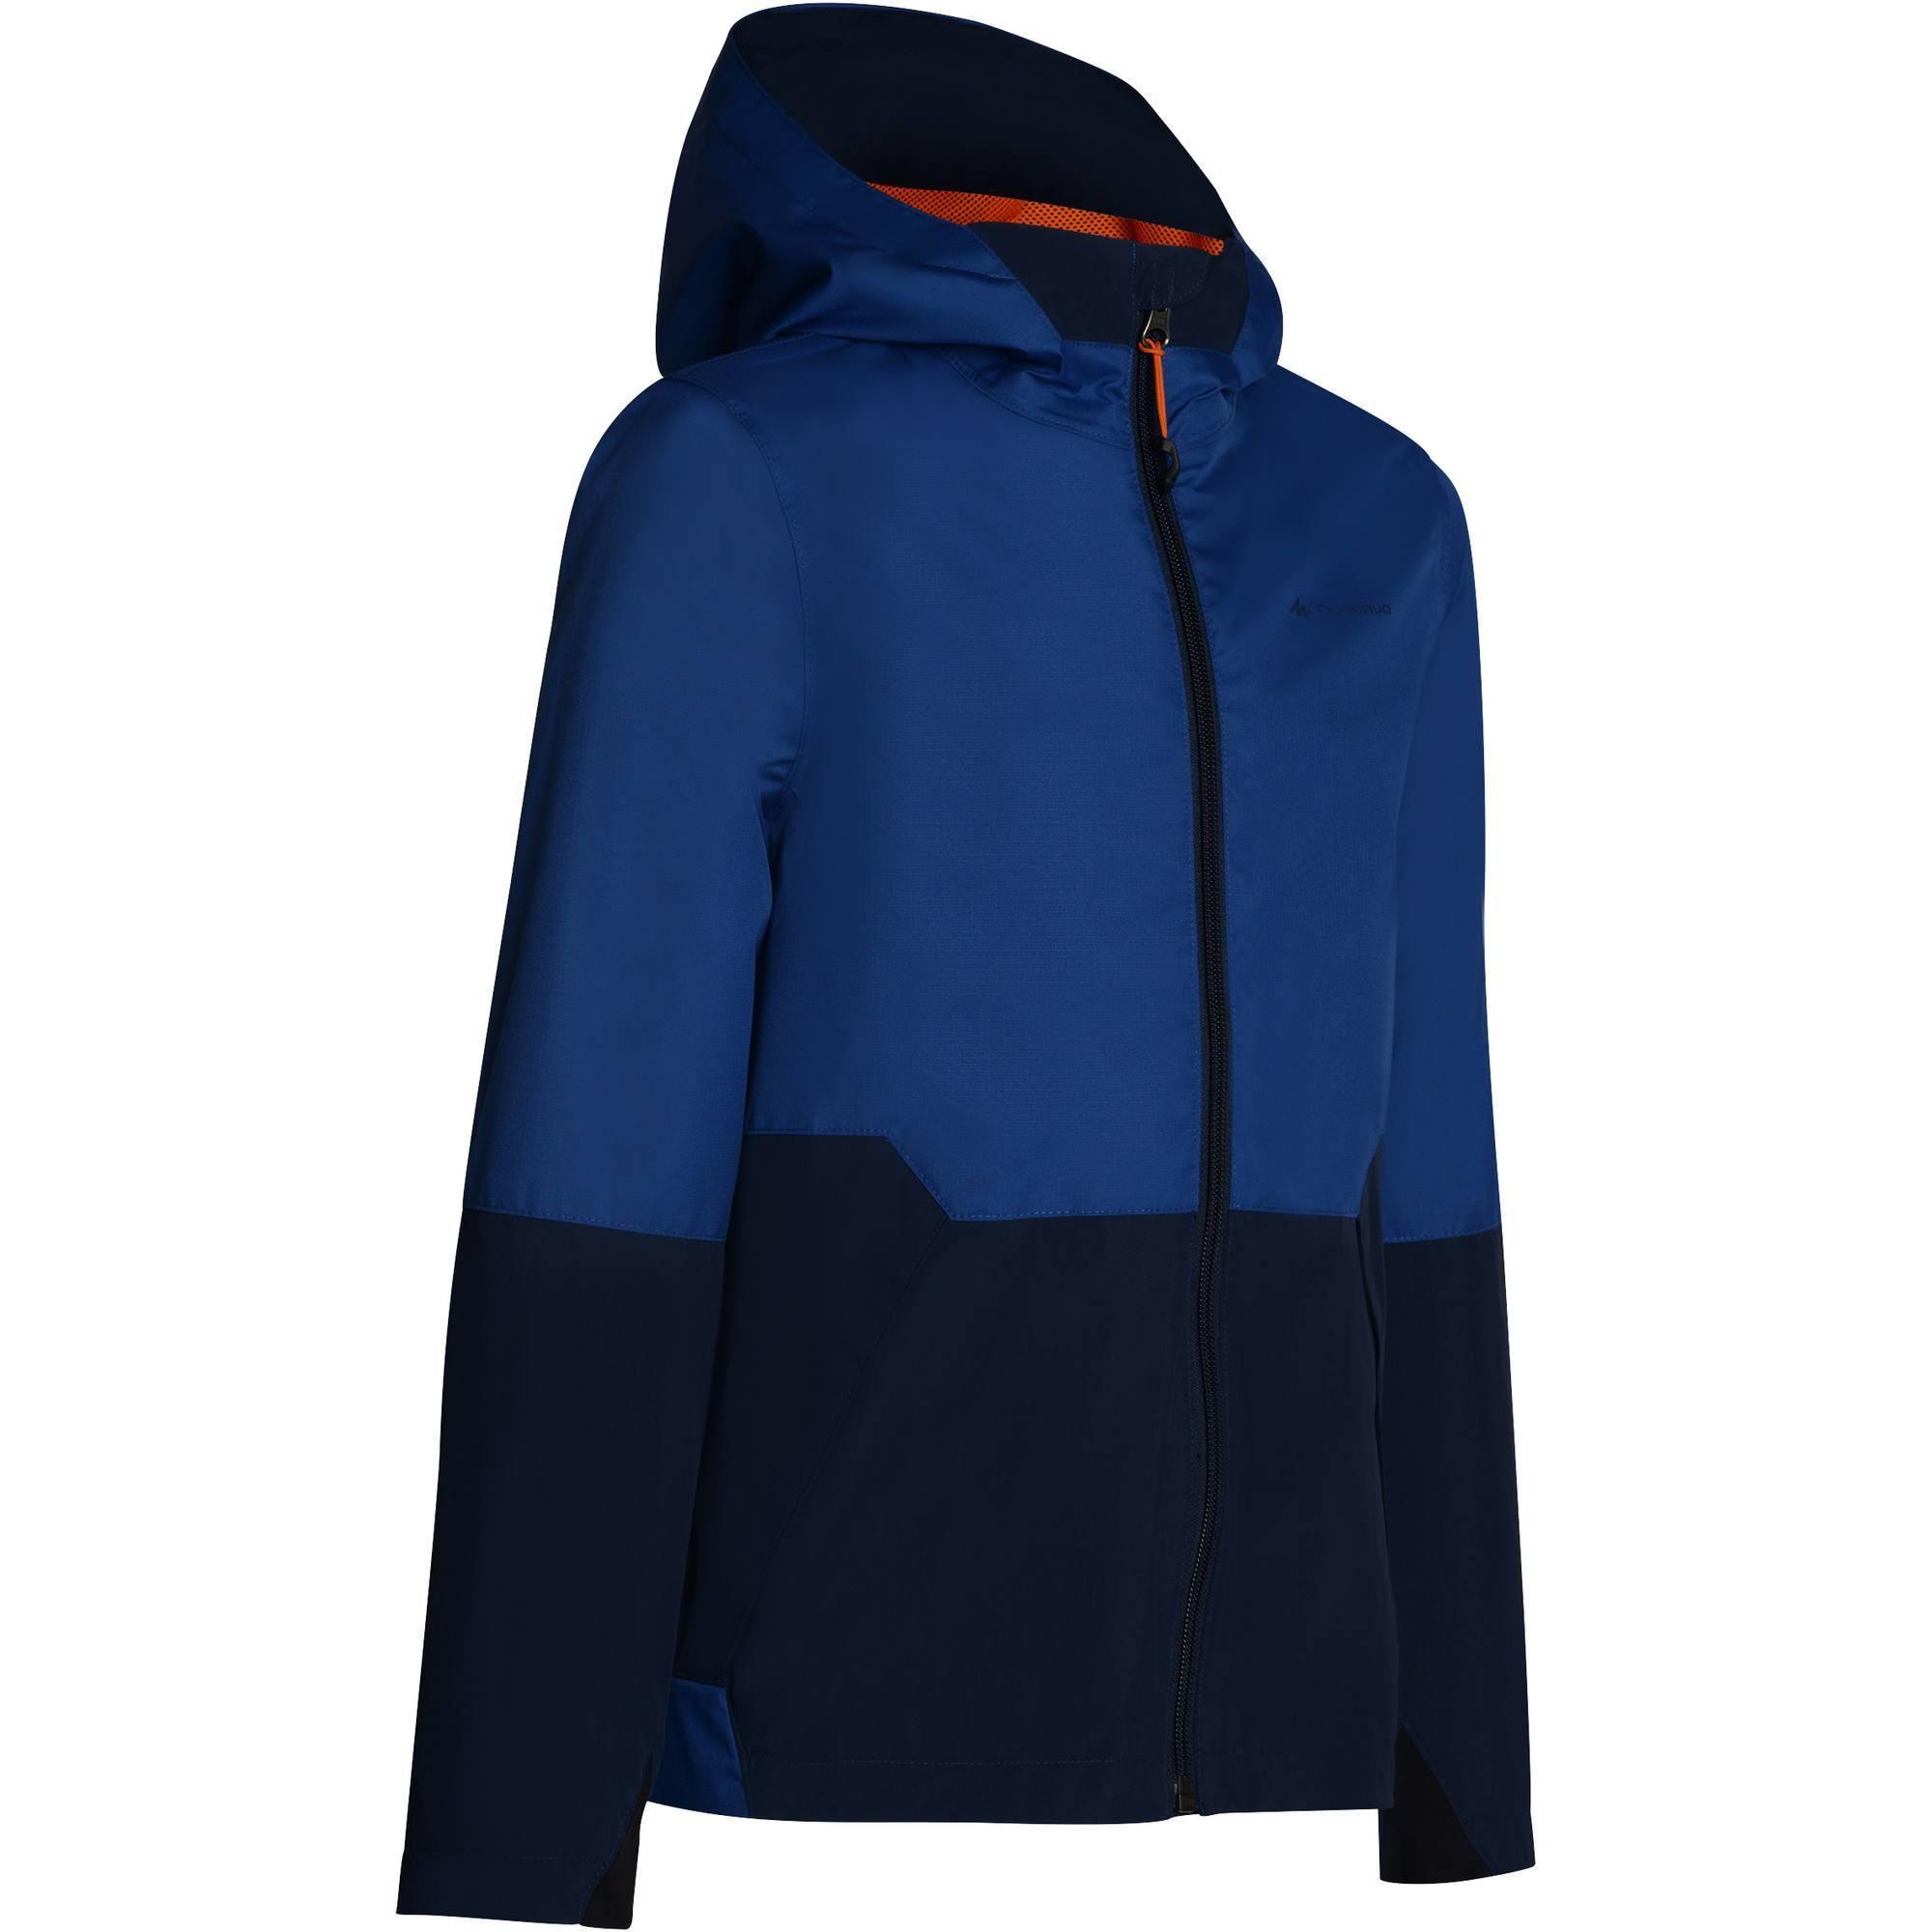 Veste imperméable de randonnée enfant MH 500 bleu